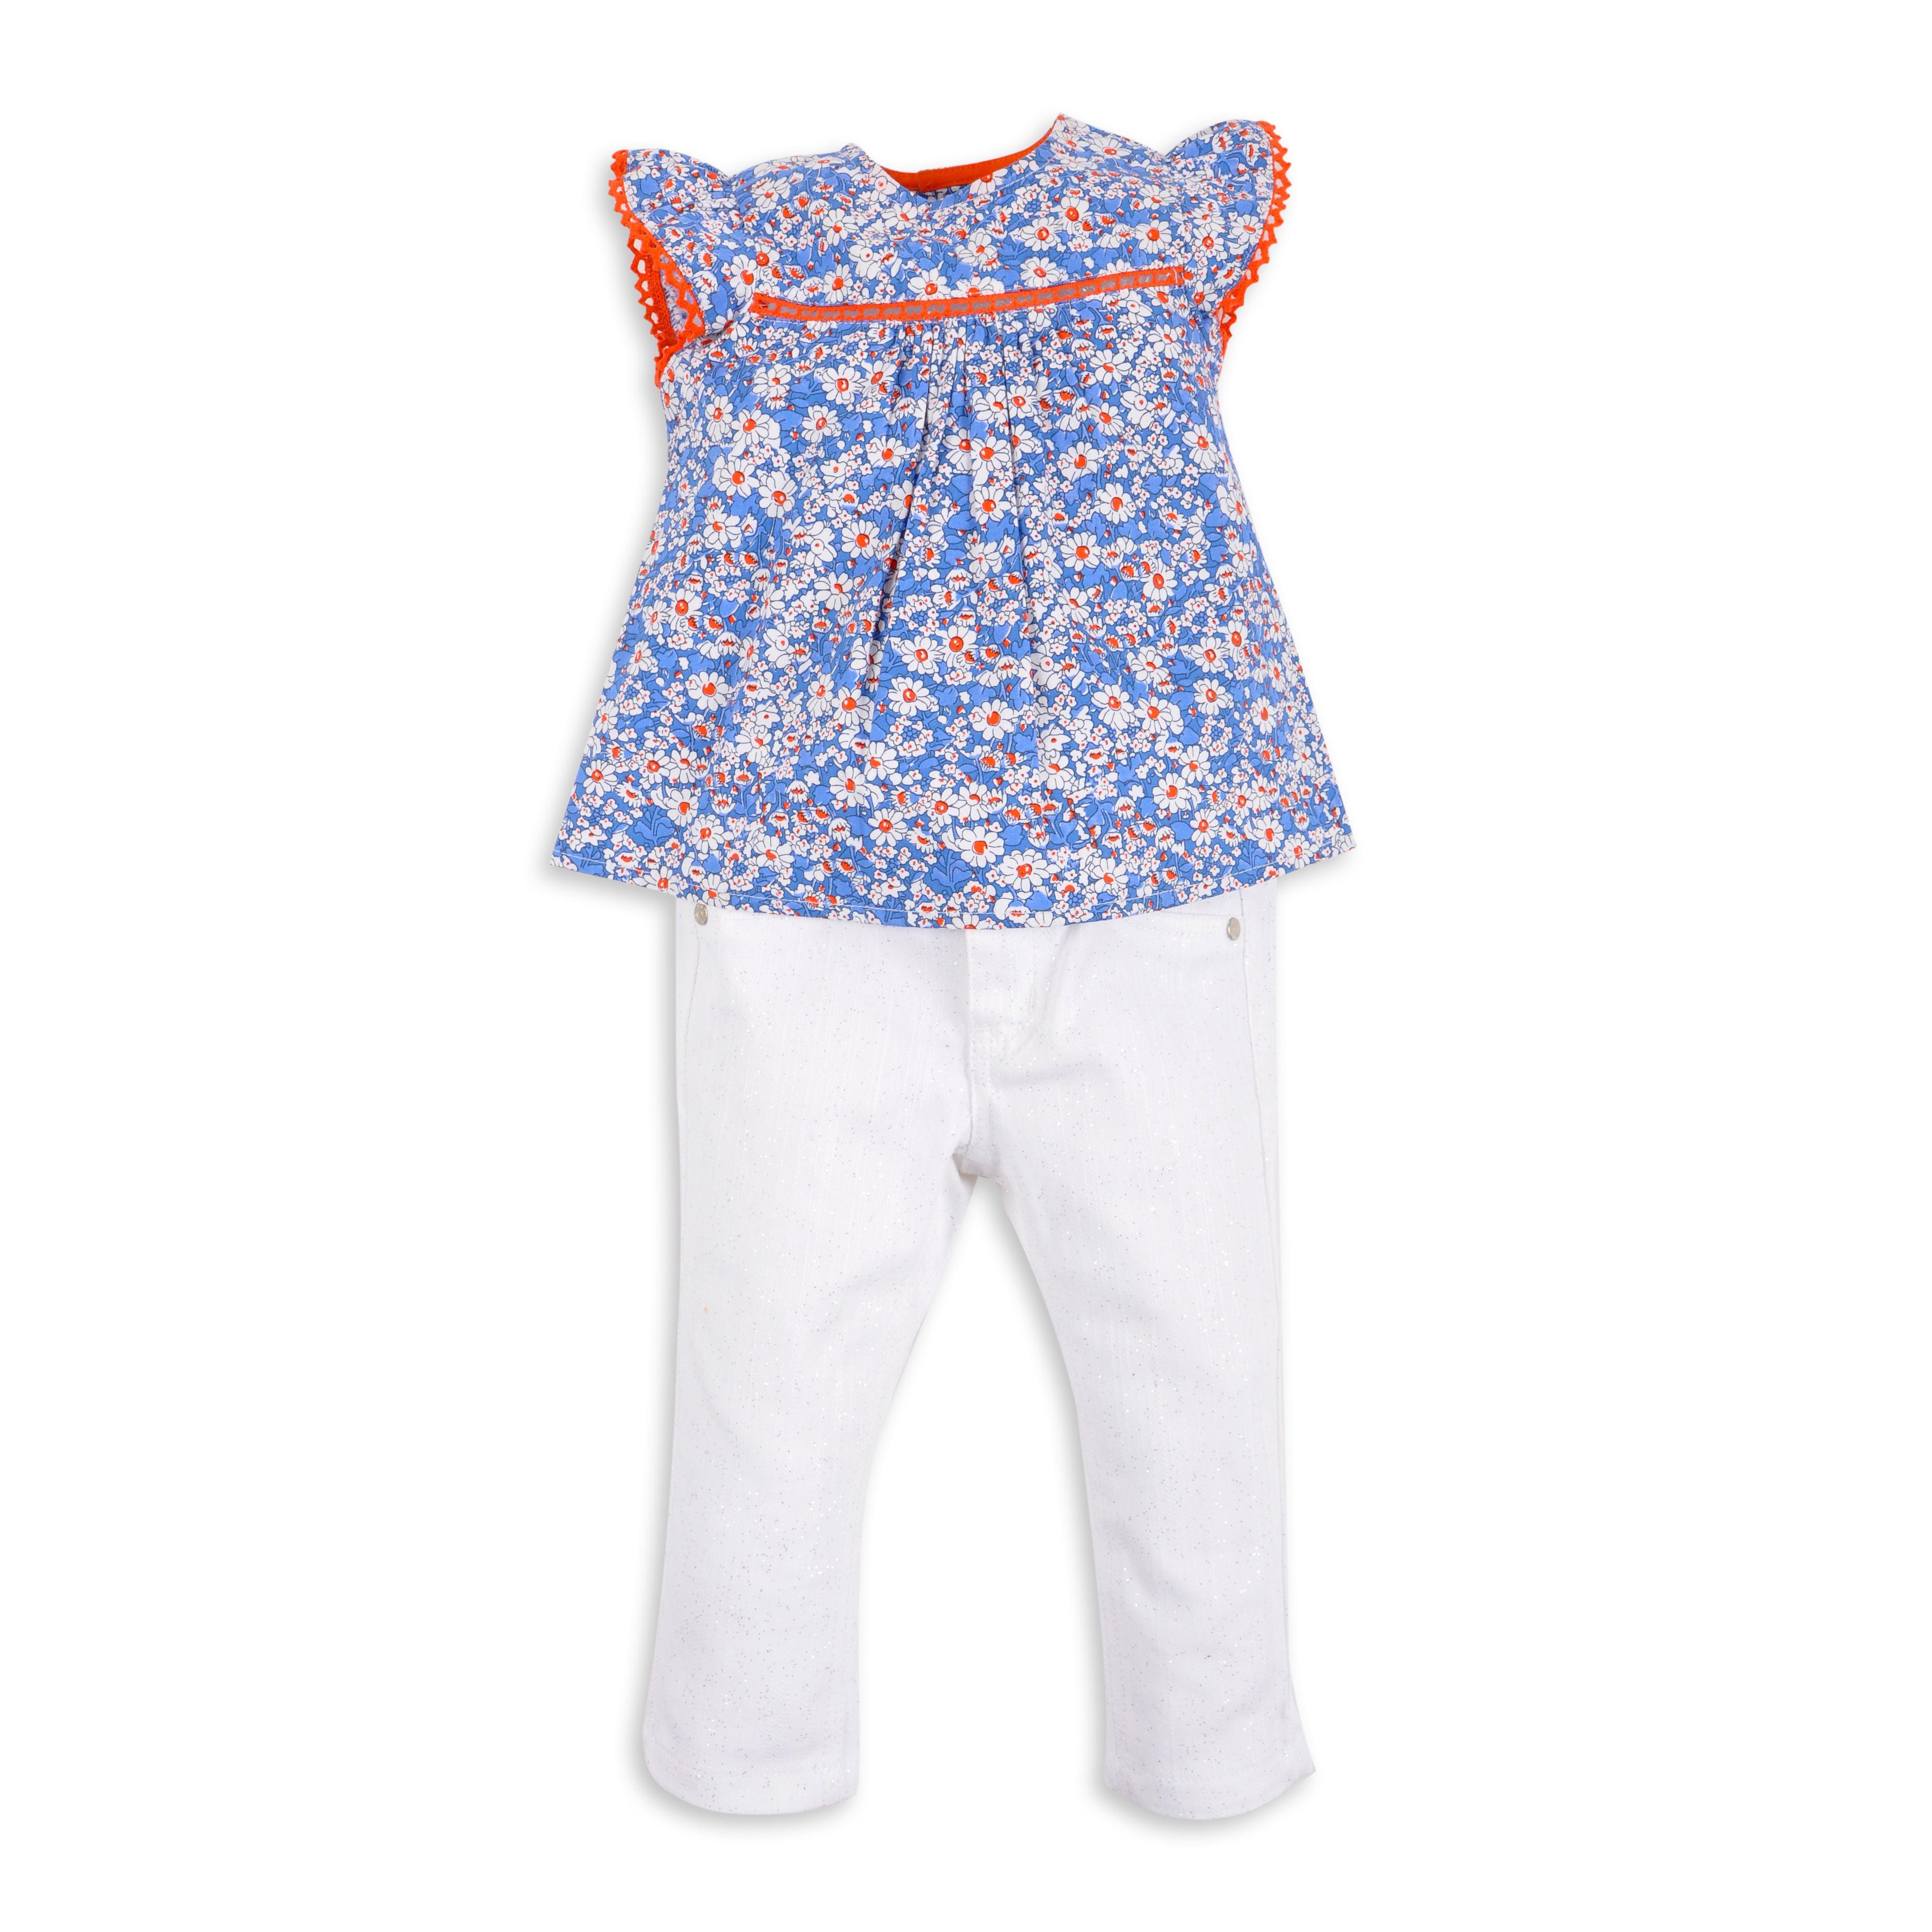 Blusa EPK para bebe niña de estampado floral en color azul con detalles anaranjado.